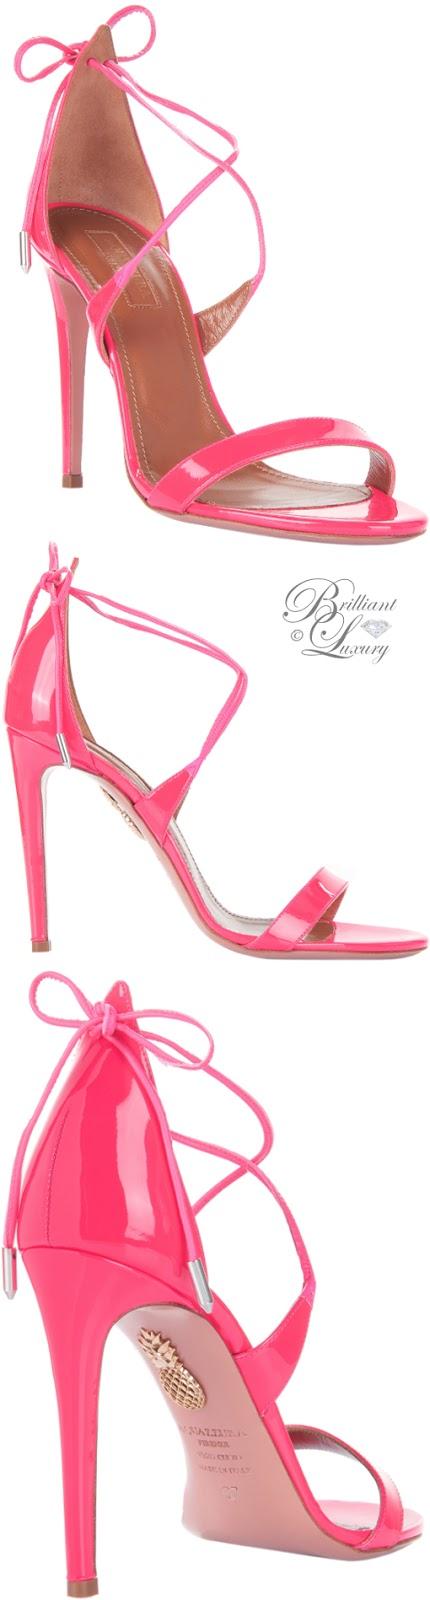 Brilliant Luxury ♦ Aquazzura Linda Sandals